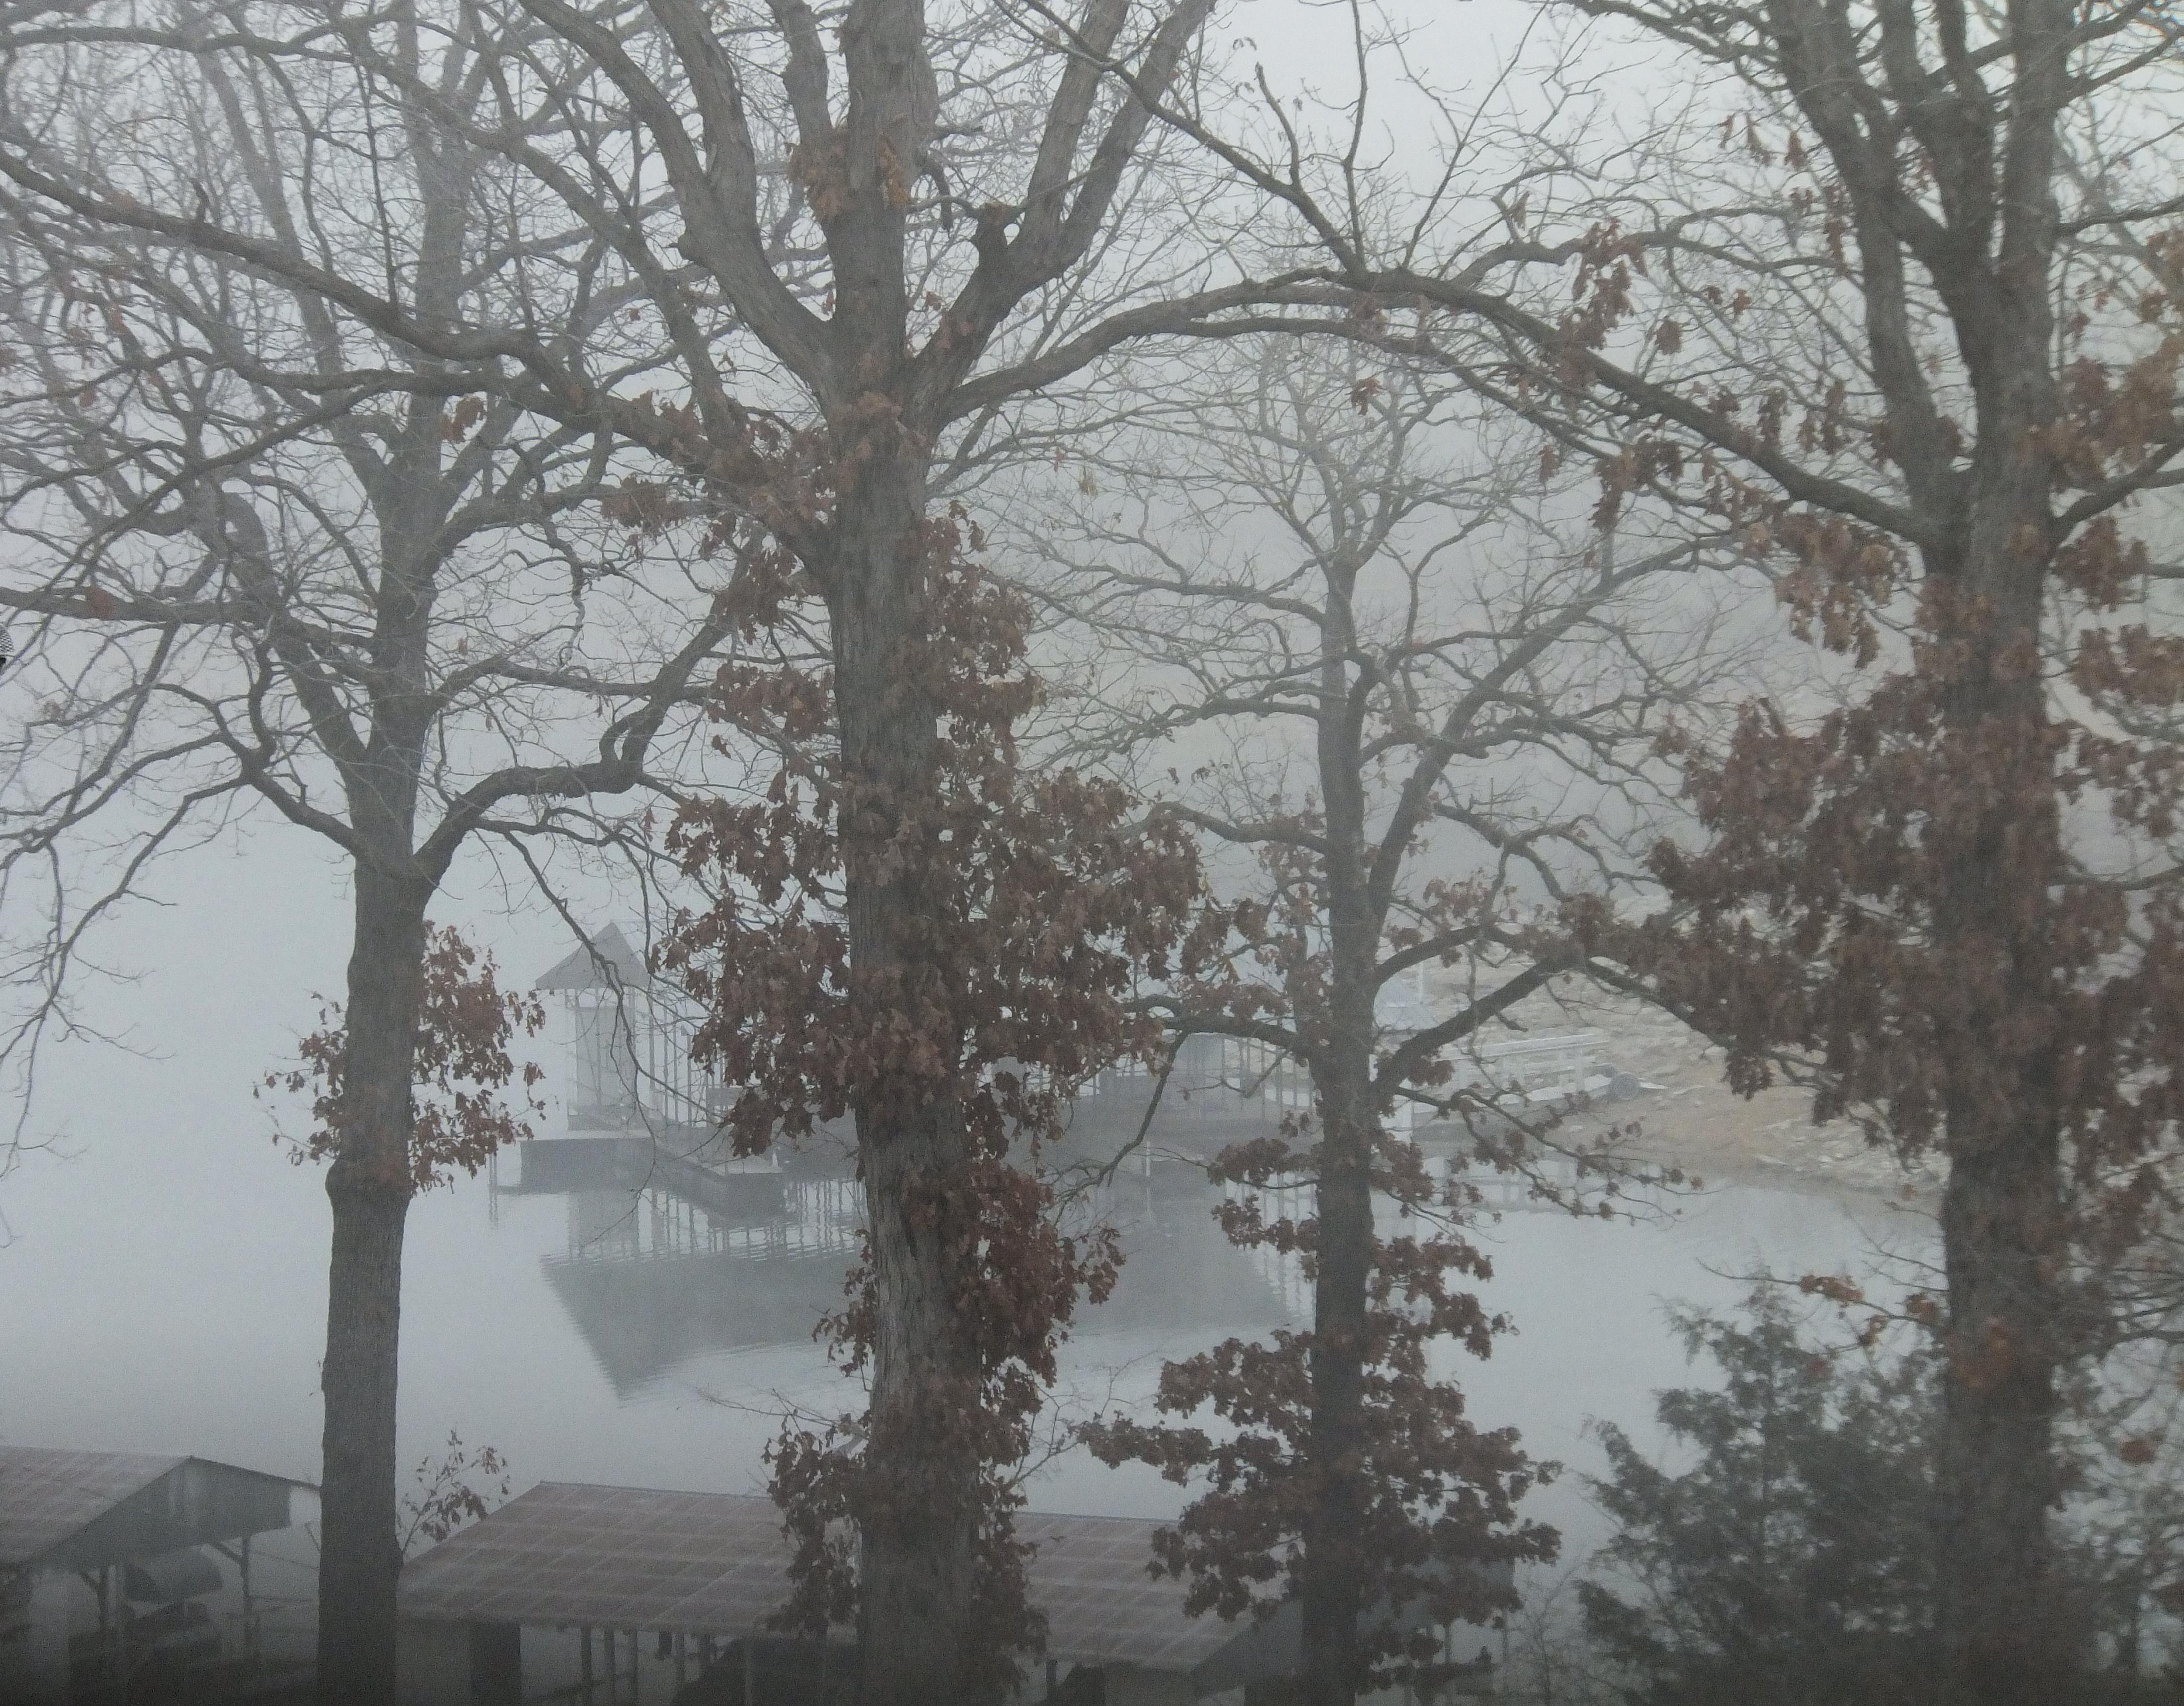 Foggy Friday morning in January